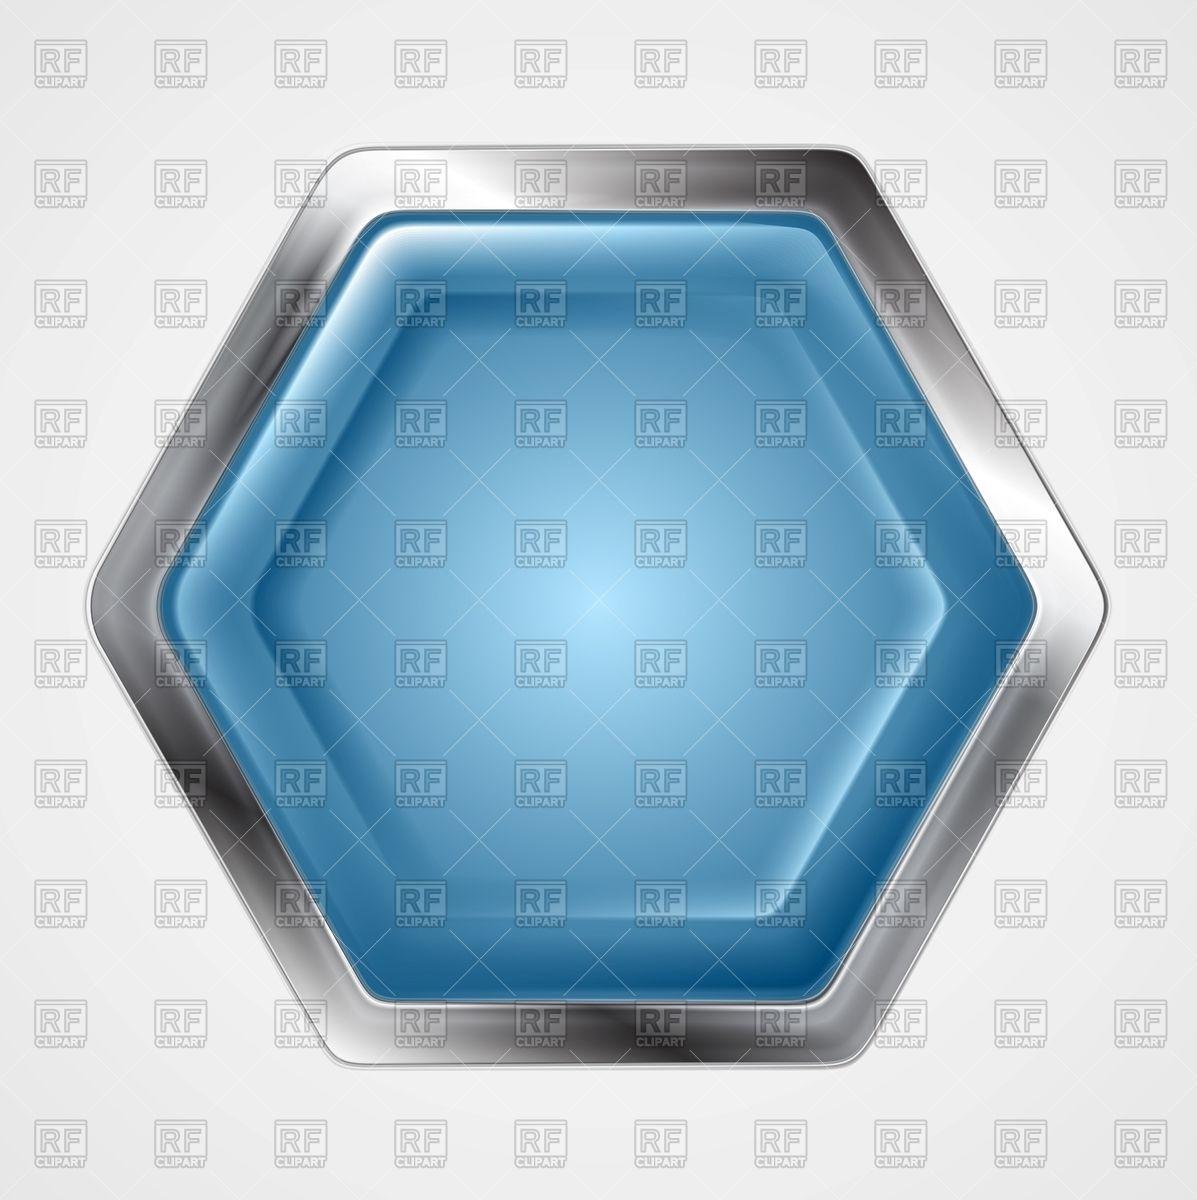 1197x1200 Blue Hexagonal Button With Metallic Border Vector Image Vector